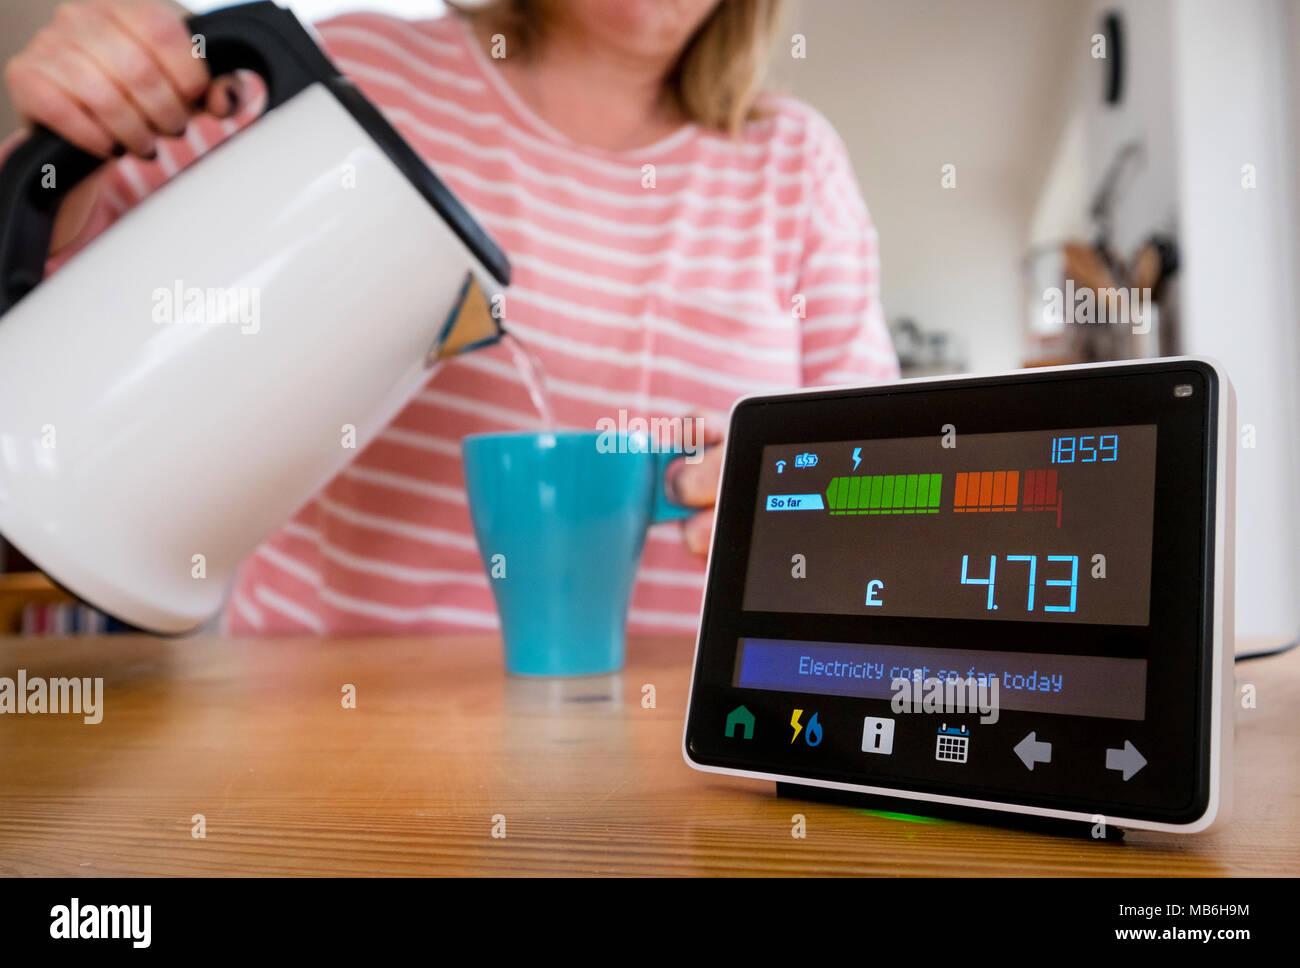 Monitor de energía medidor inteligente ( )en la cocina de una casa en el Reino Unido como una mujer hace una taza de té Imagen De Stock